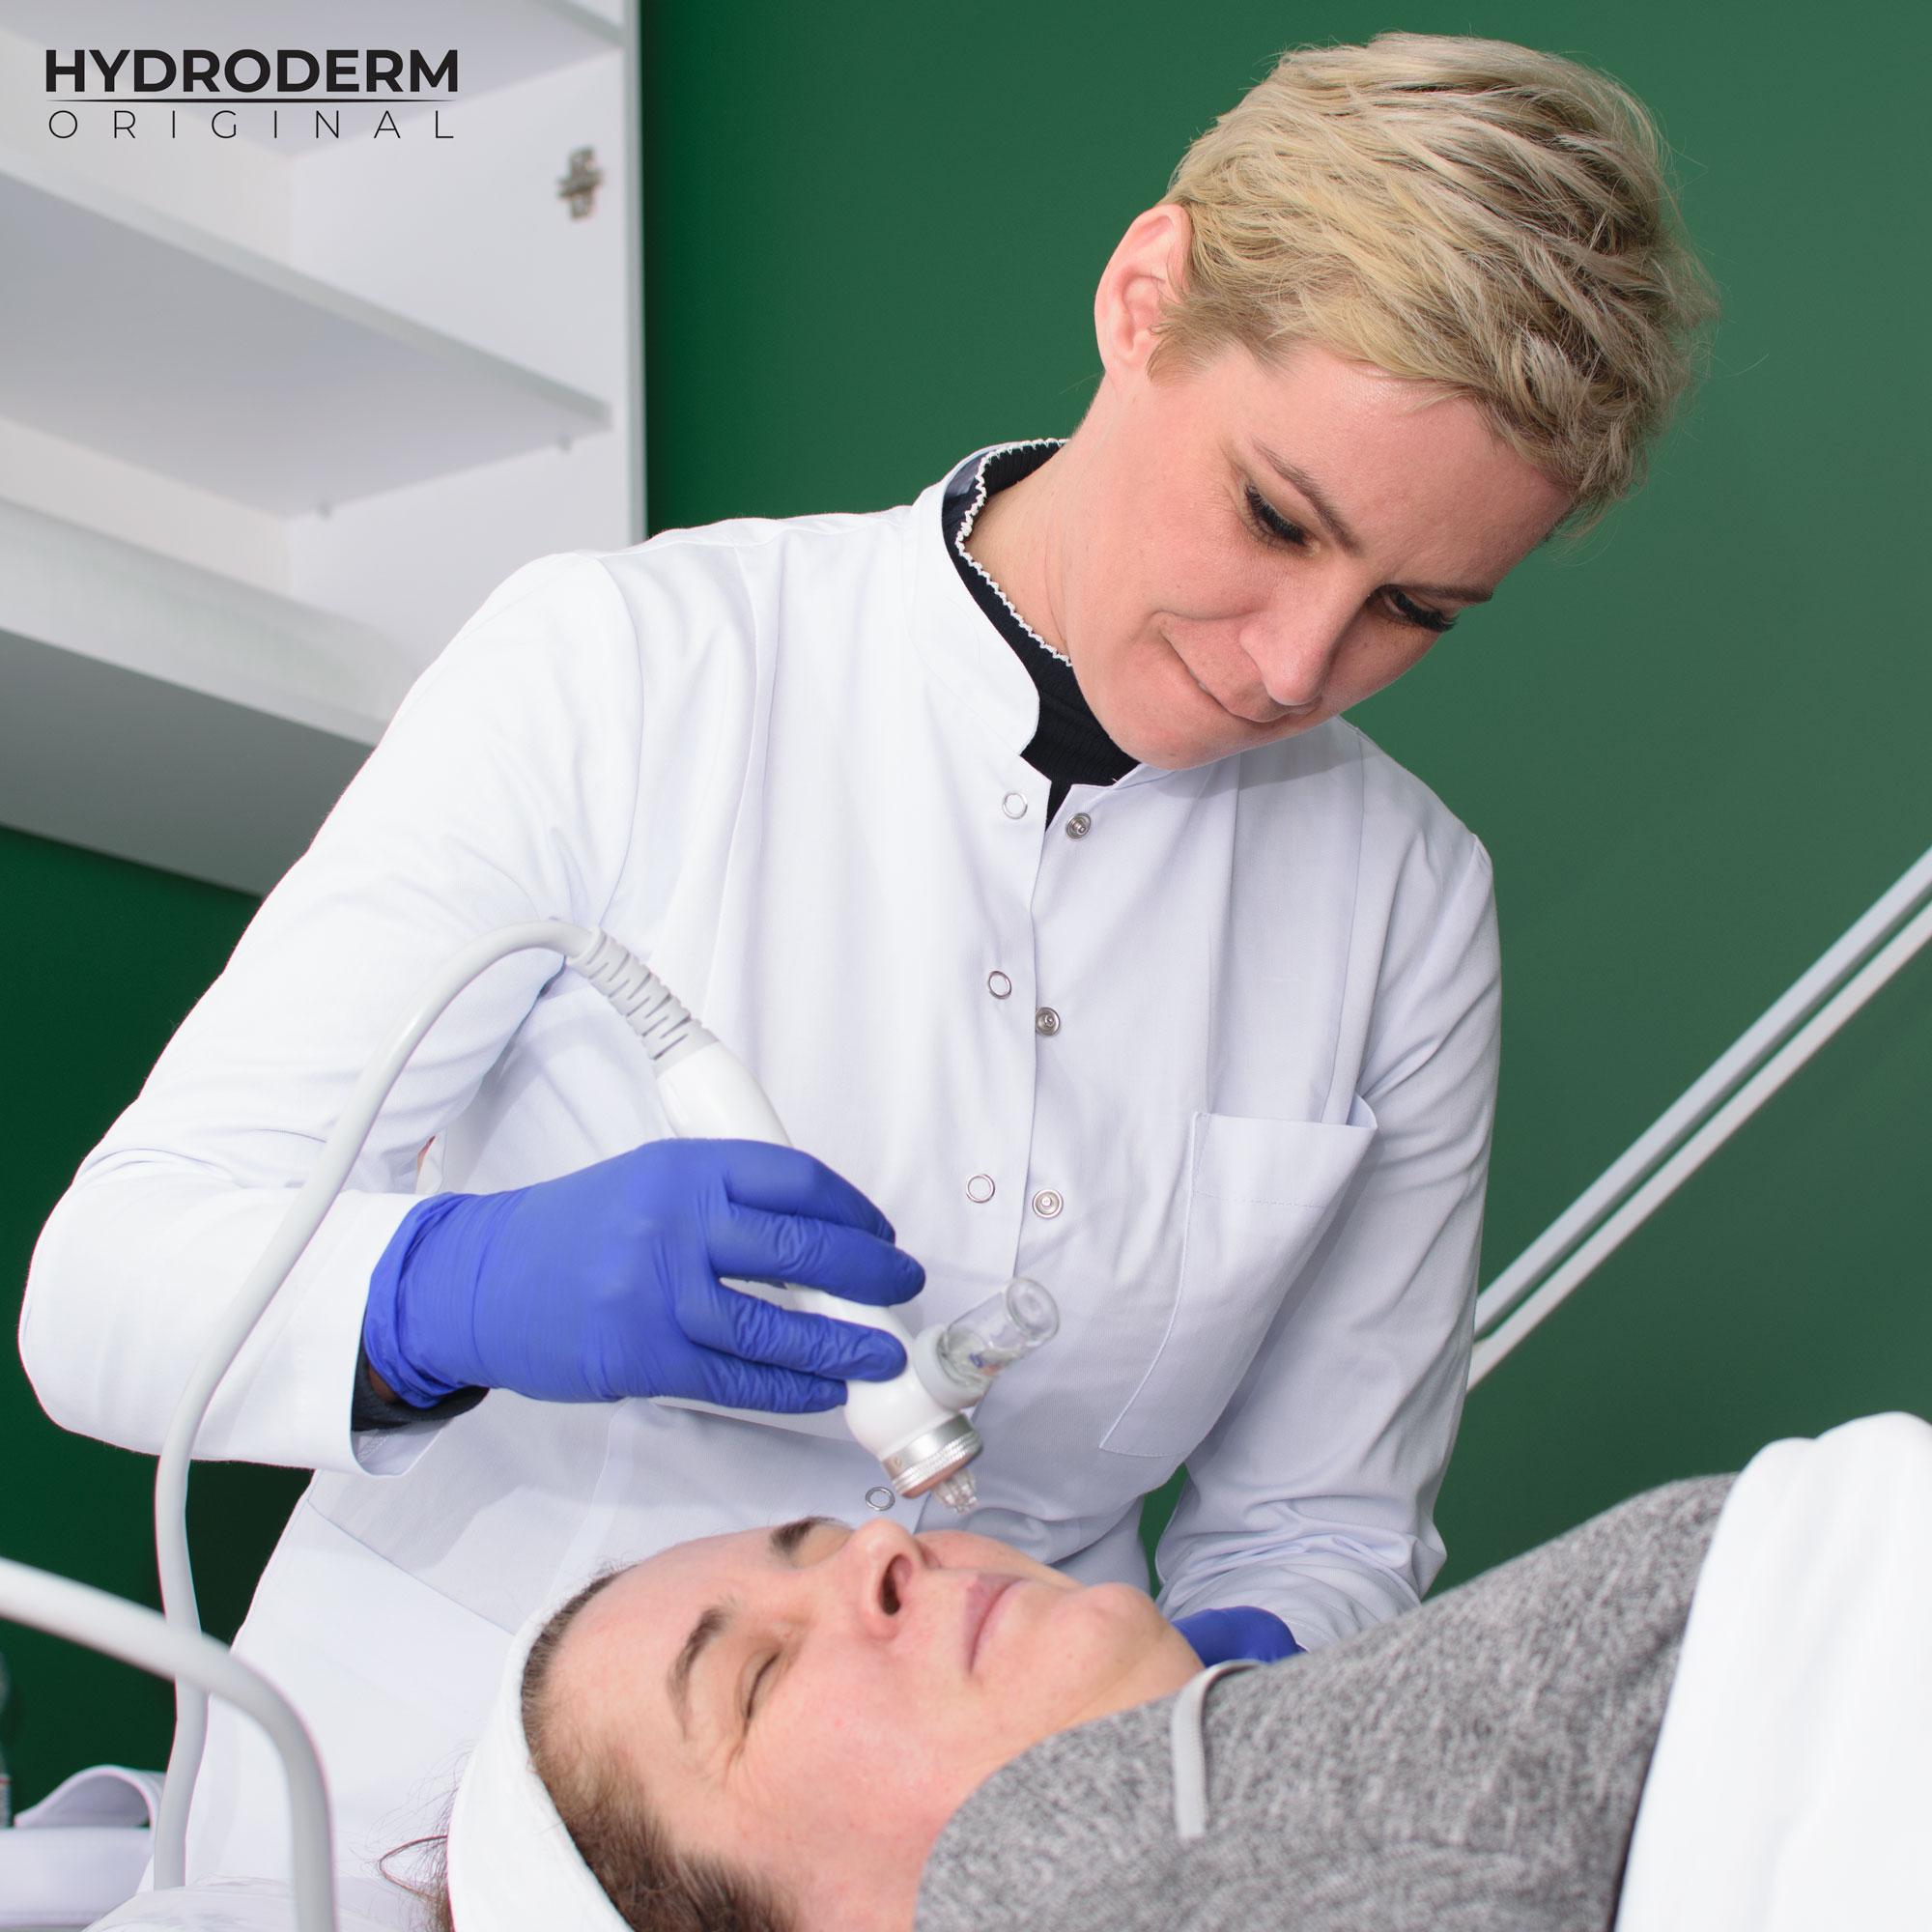 Metoda infuzji tlenowej w bezpieczny sposób dostarcza komórkom skóry cenny tlen